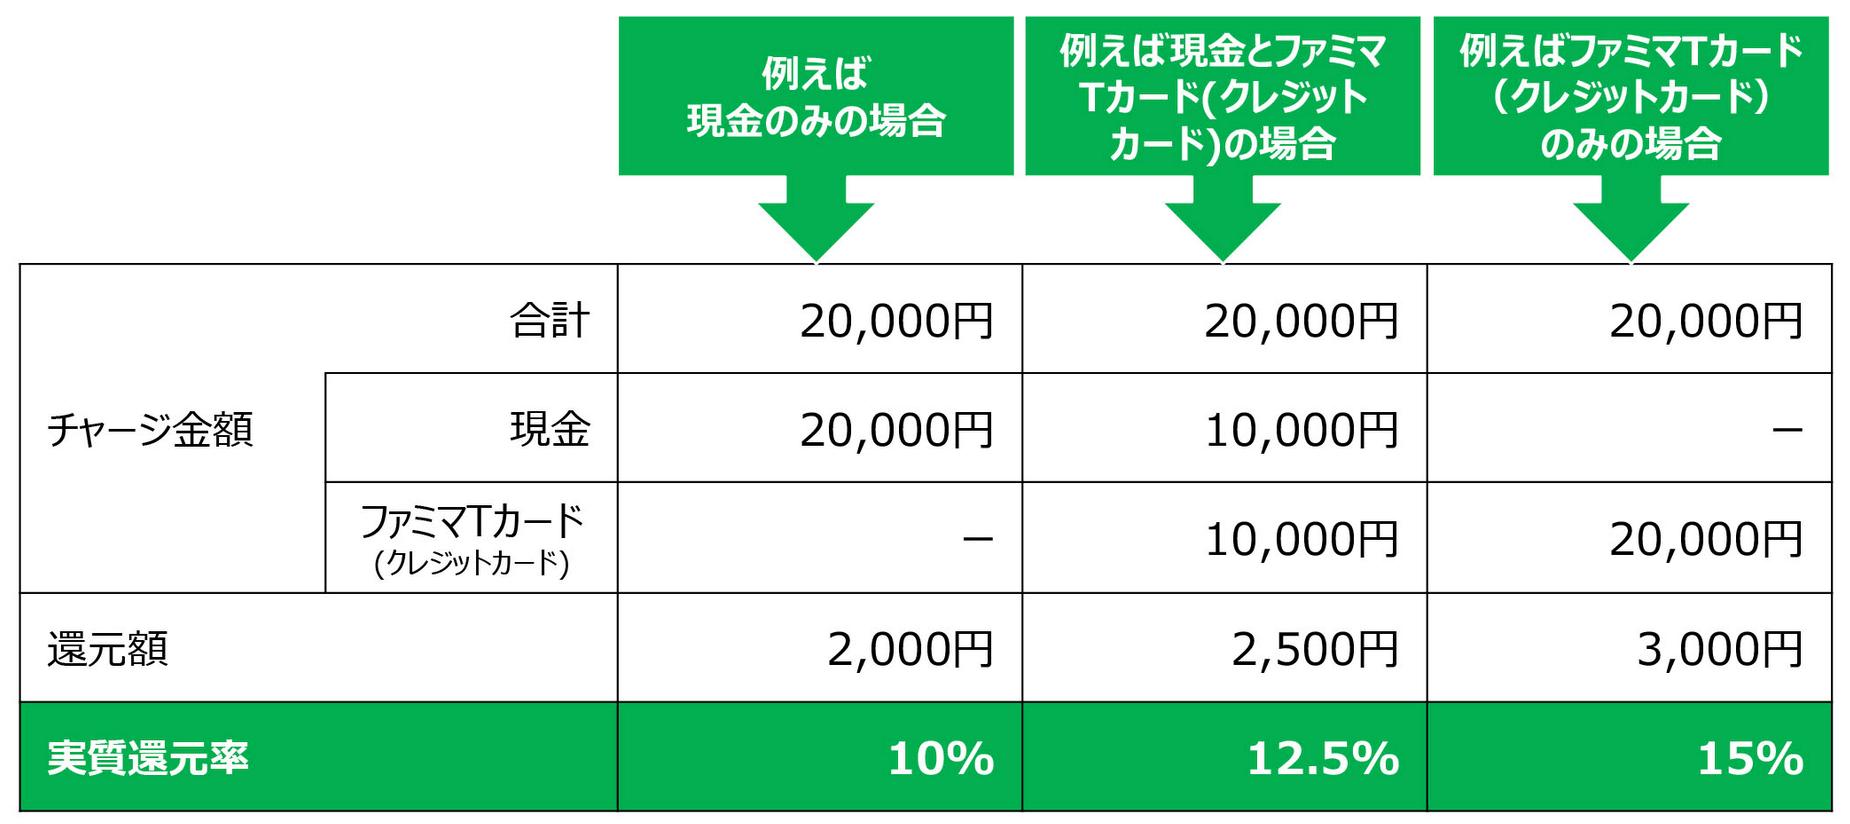 税金 ファミペイ